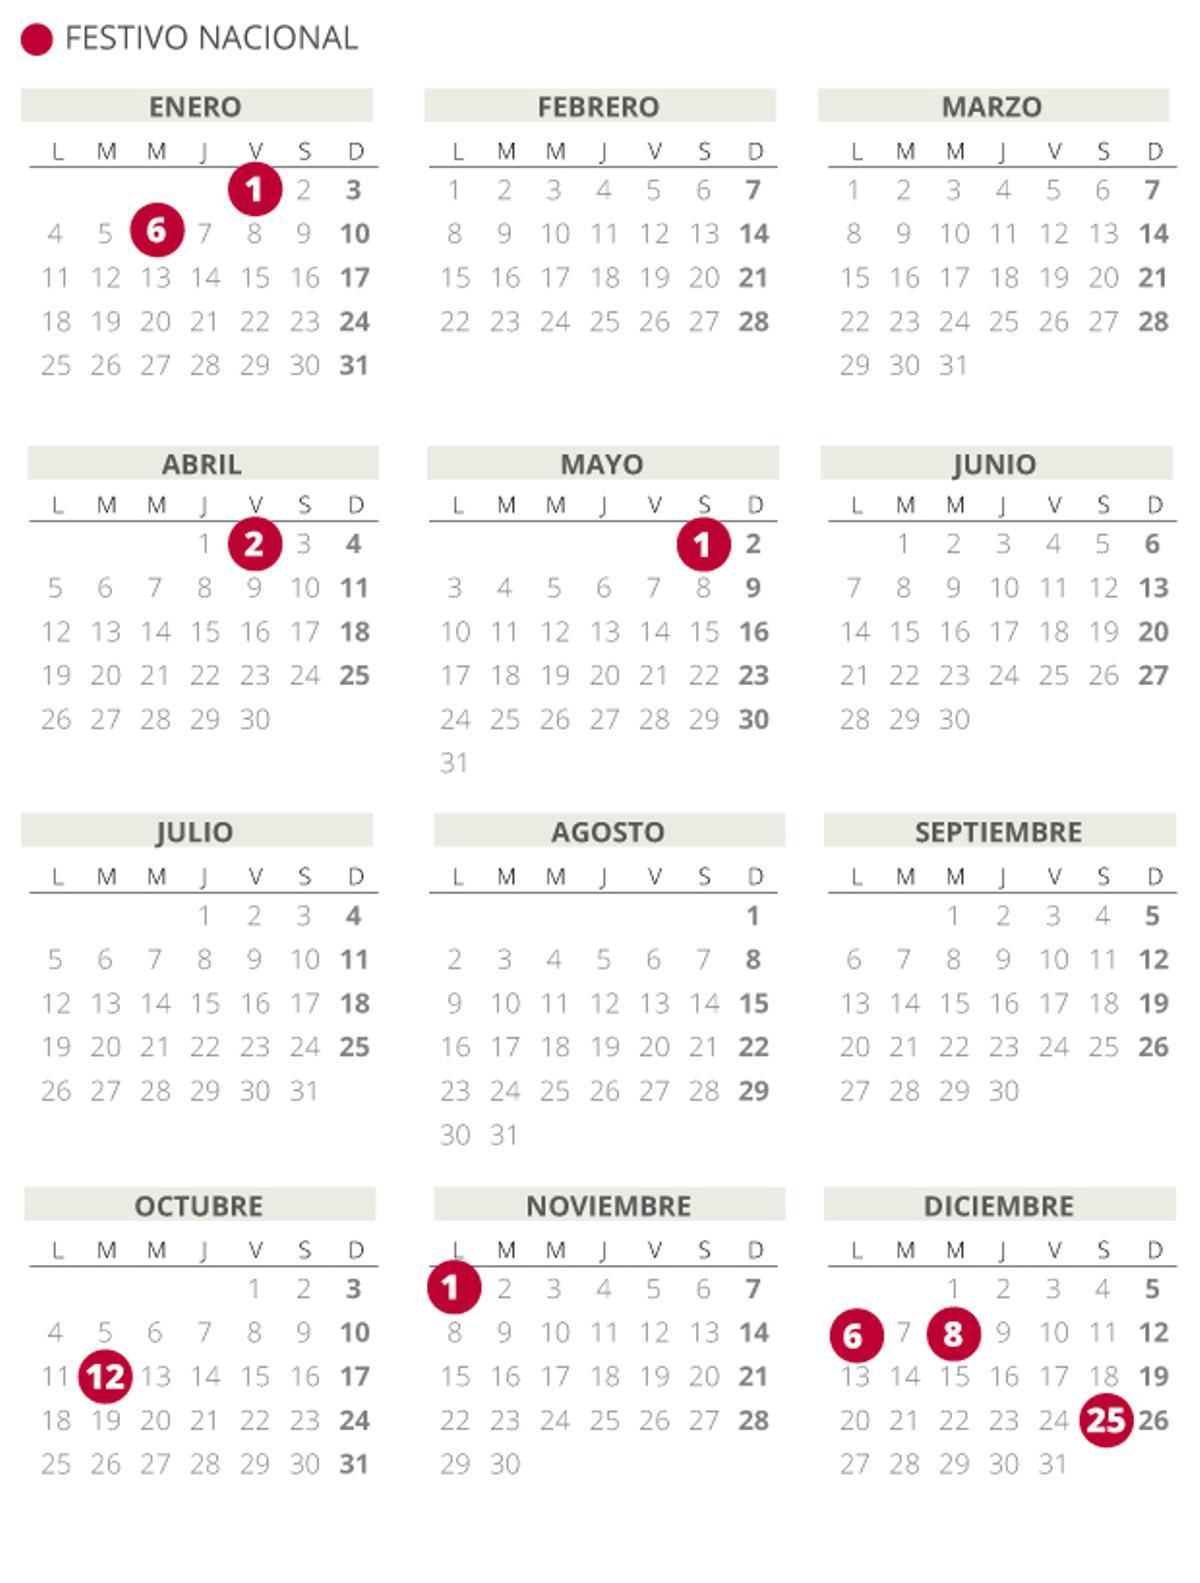 Calendari laboral d'Espanya del 2021 (amb tots els dies festius)